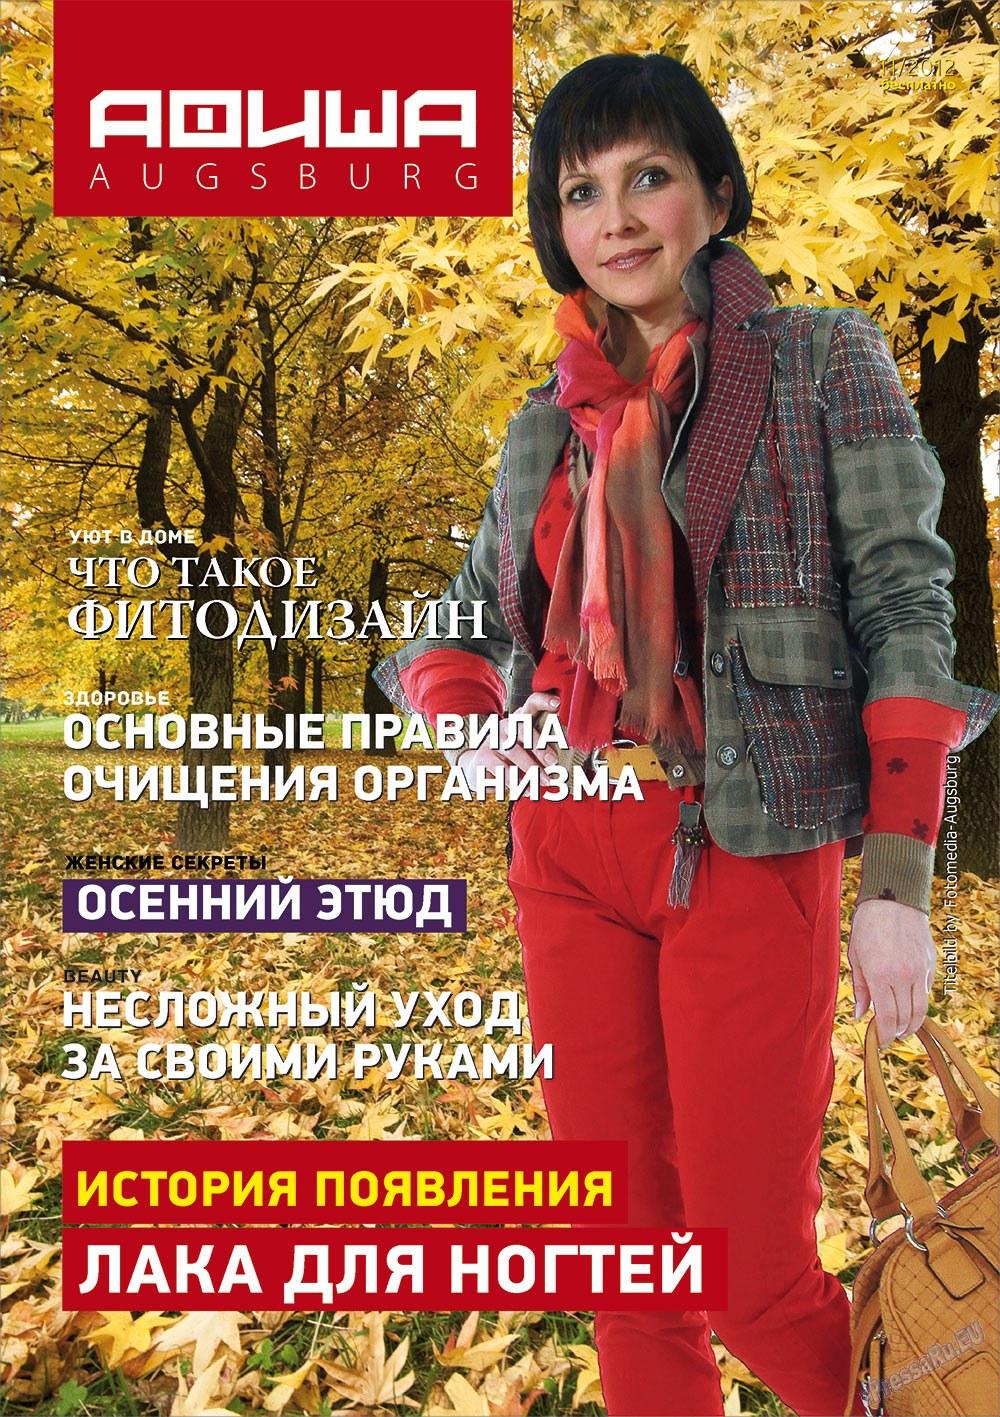 Афиша Augsburg (журнал). 2012 год, номер 11, стр. 1